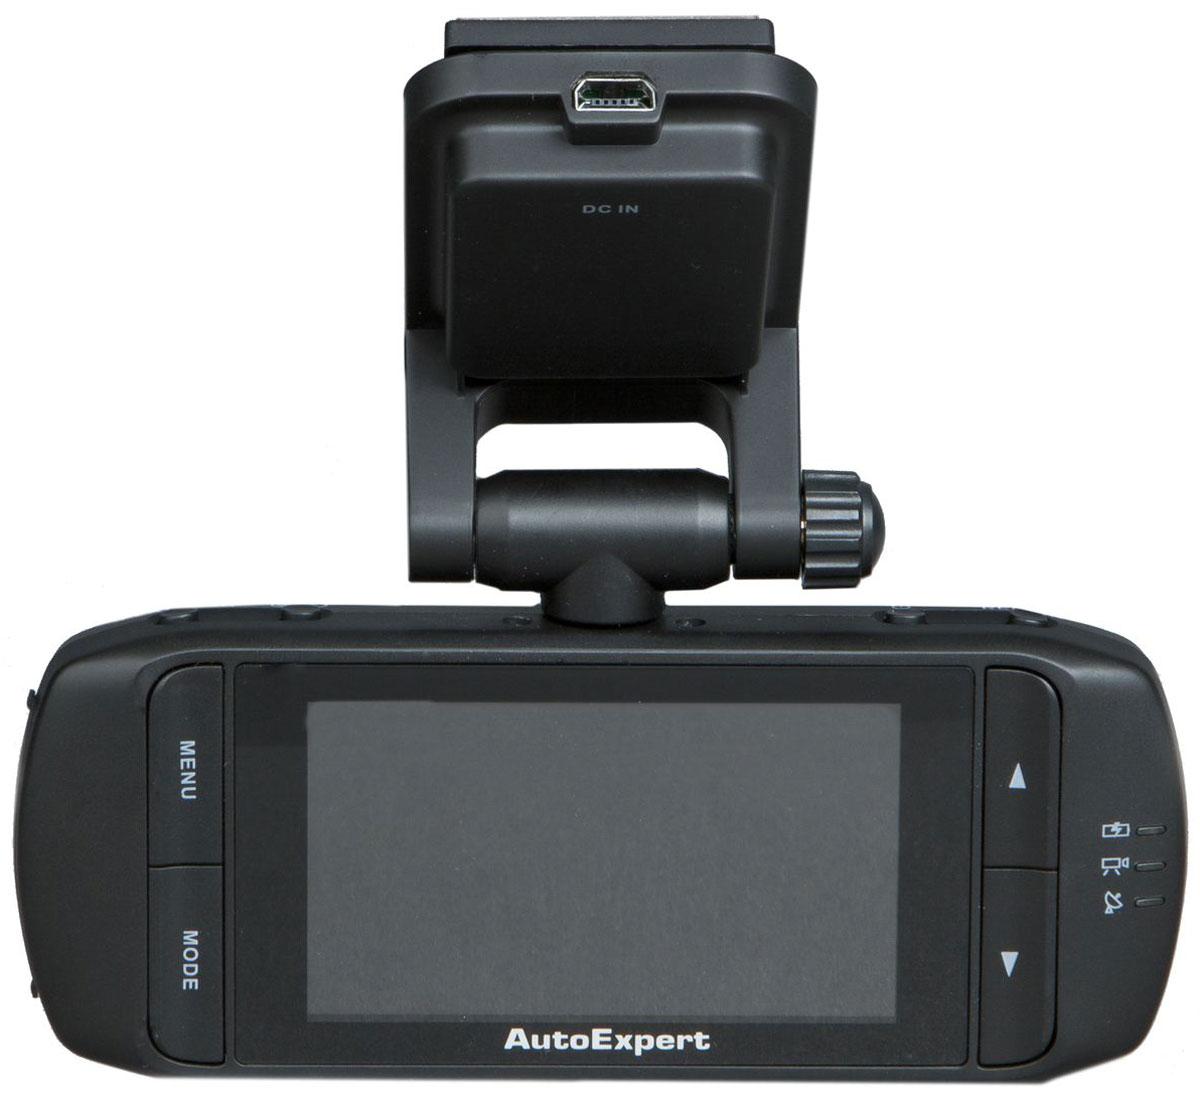 Фото - AutoExpert DVR 810, Black автомобильный видеорегистратор монитор в авто autoexpert dv 200